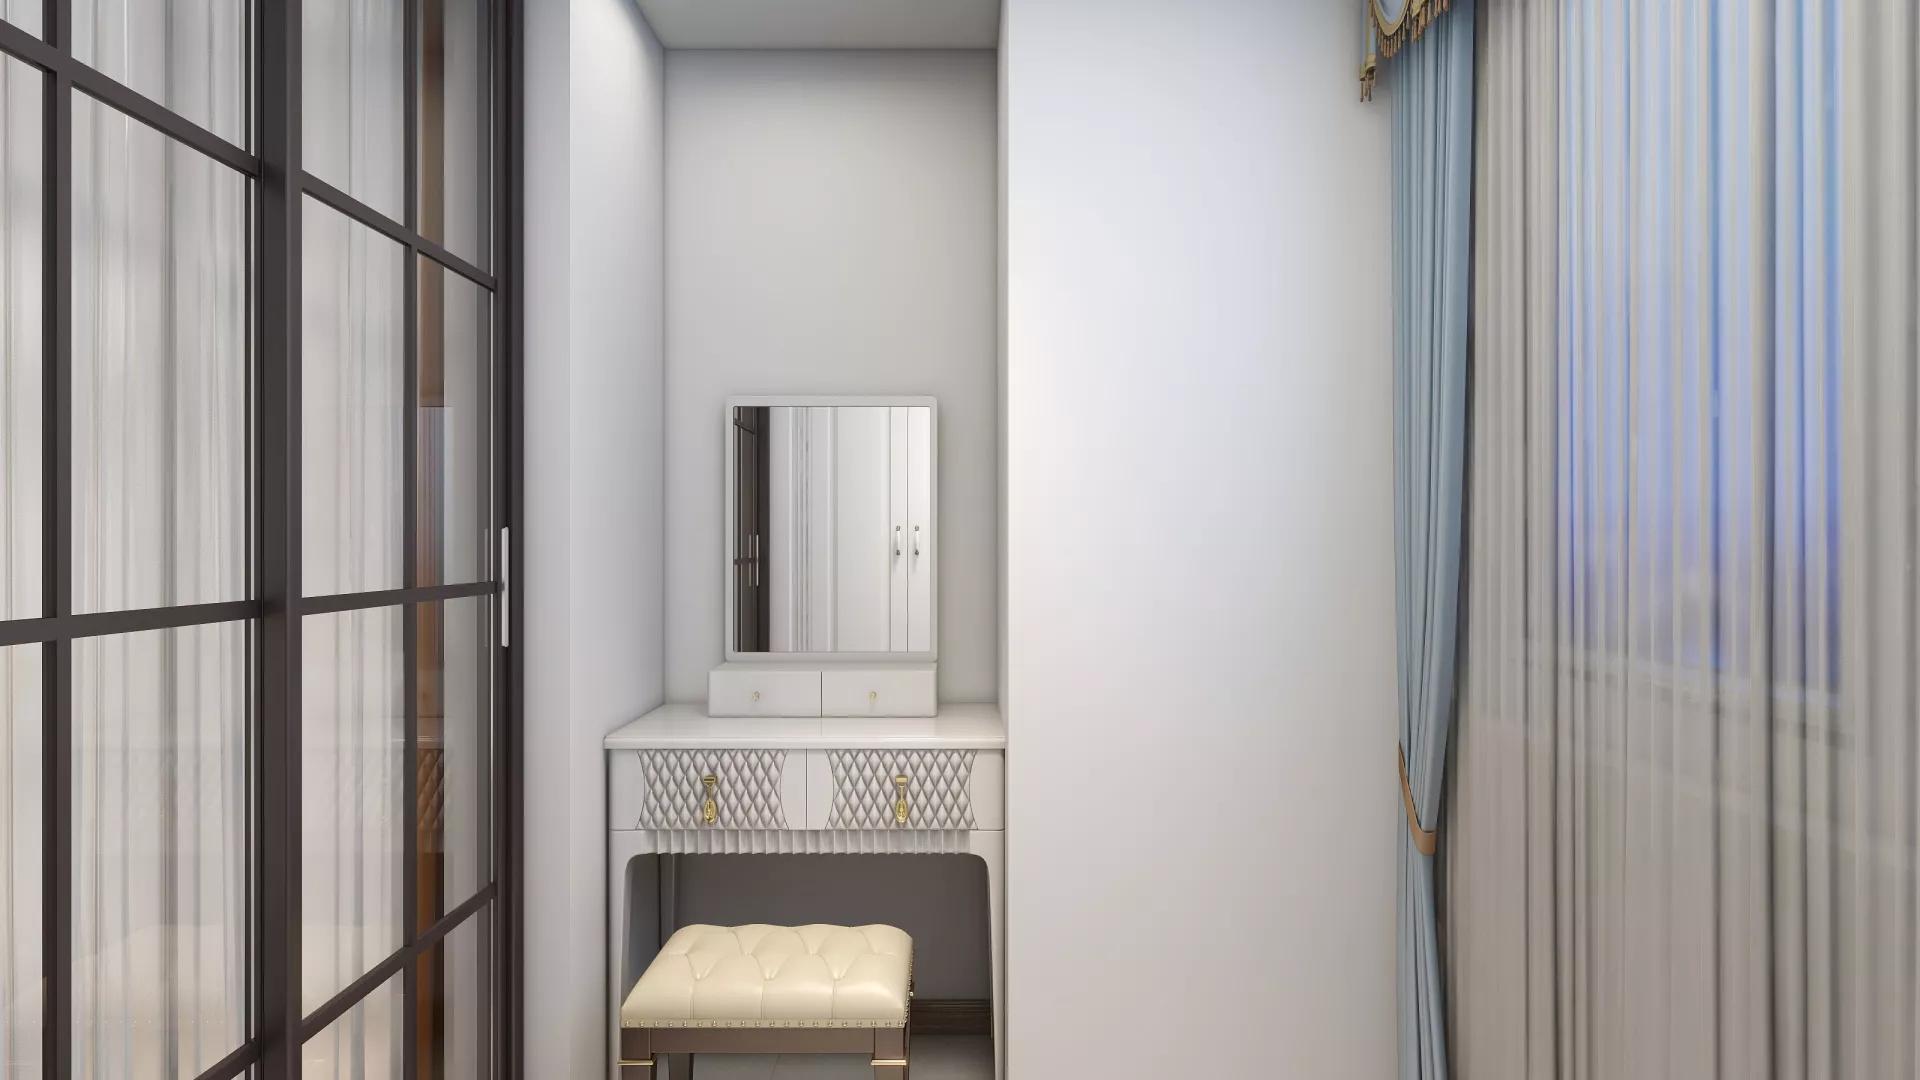 浴室置物架哪个品牌好 浴室置物架品牌排行